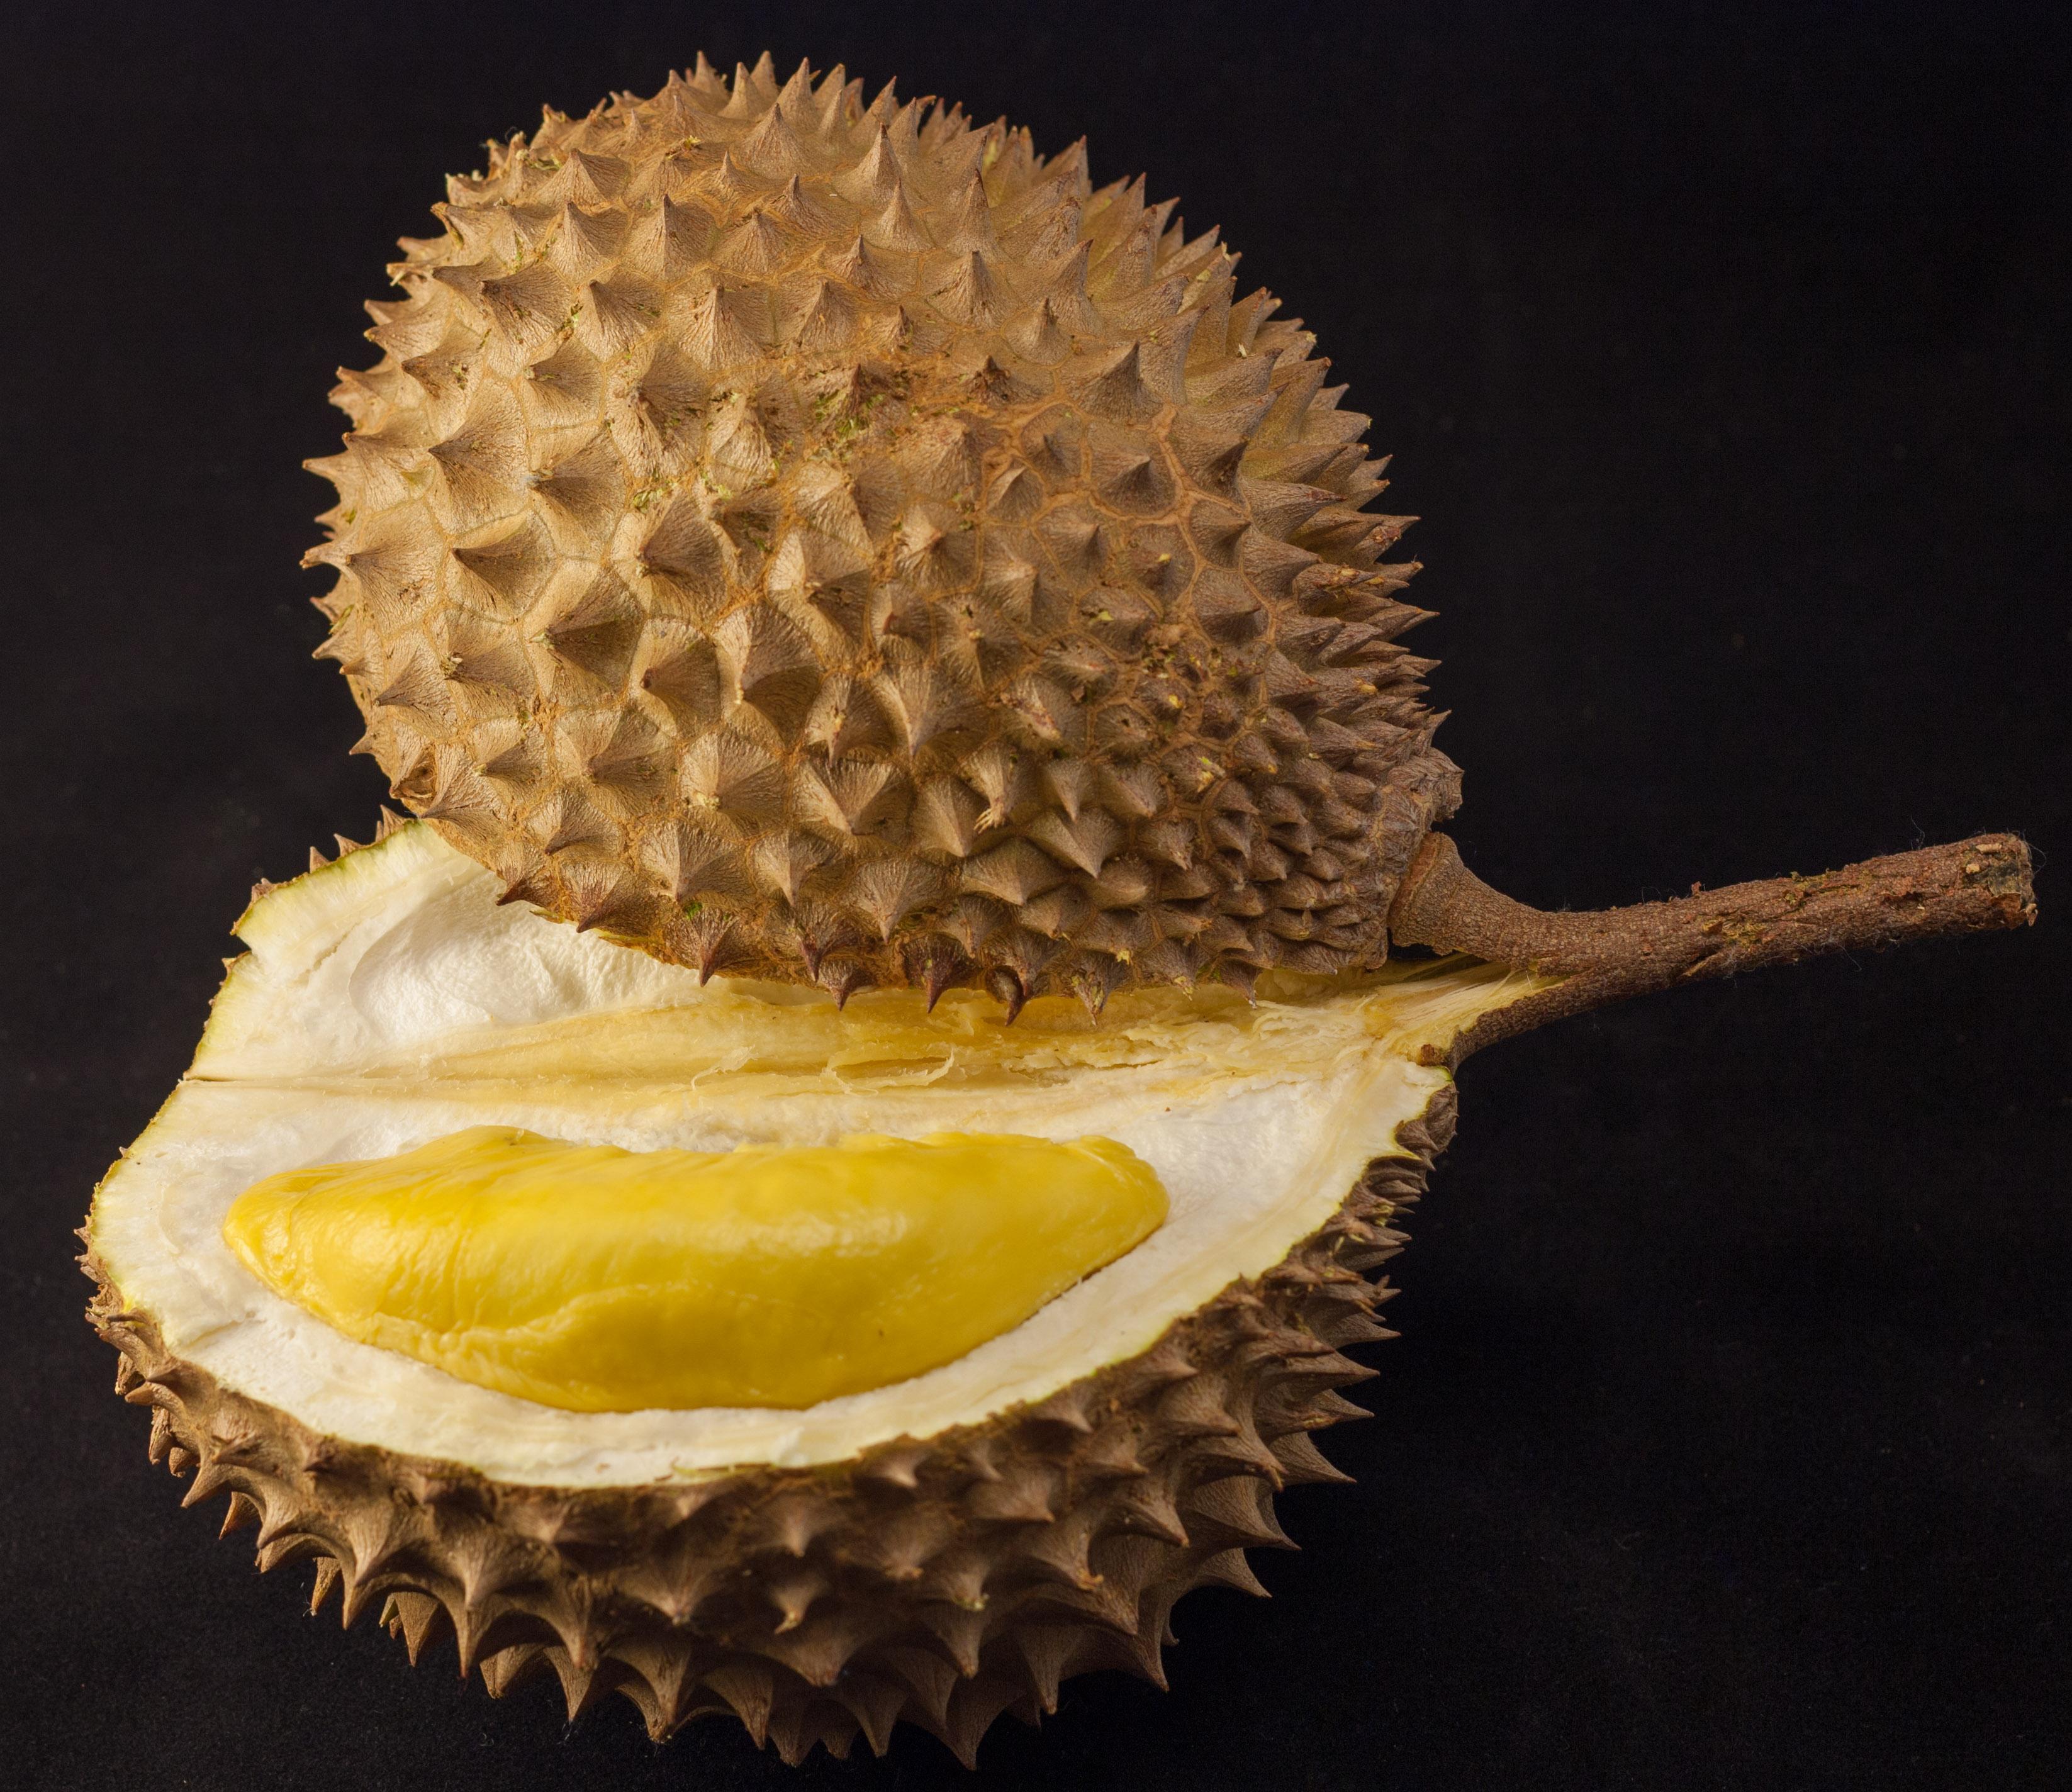 durian_in_black_1.jpg